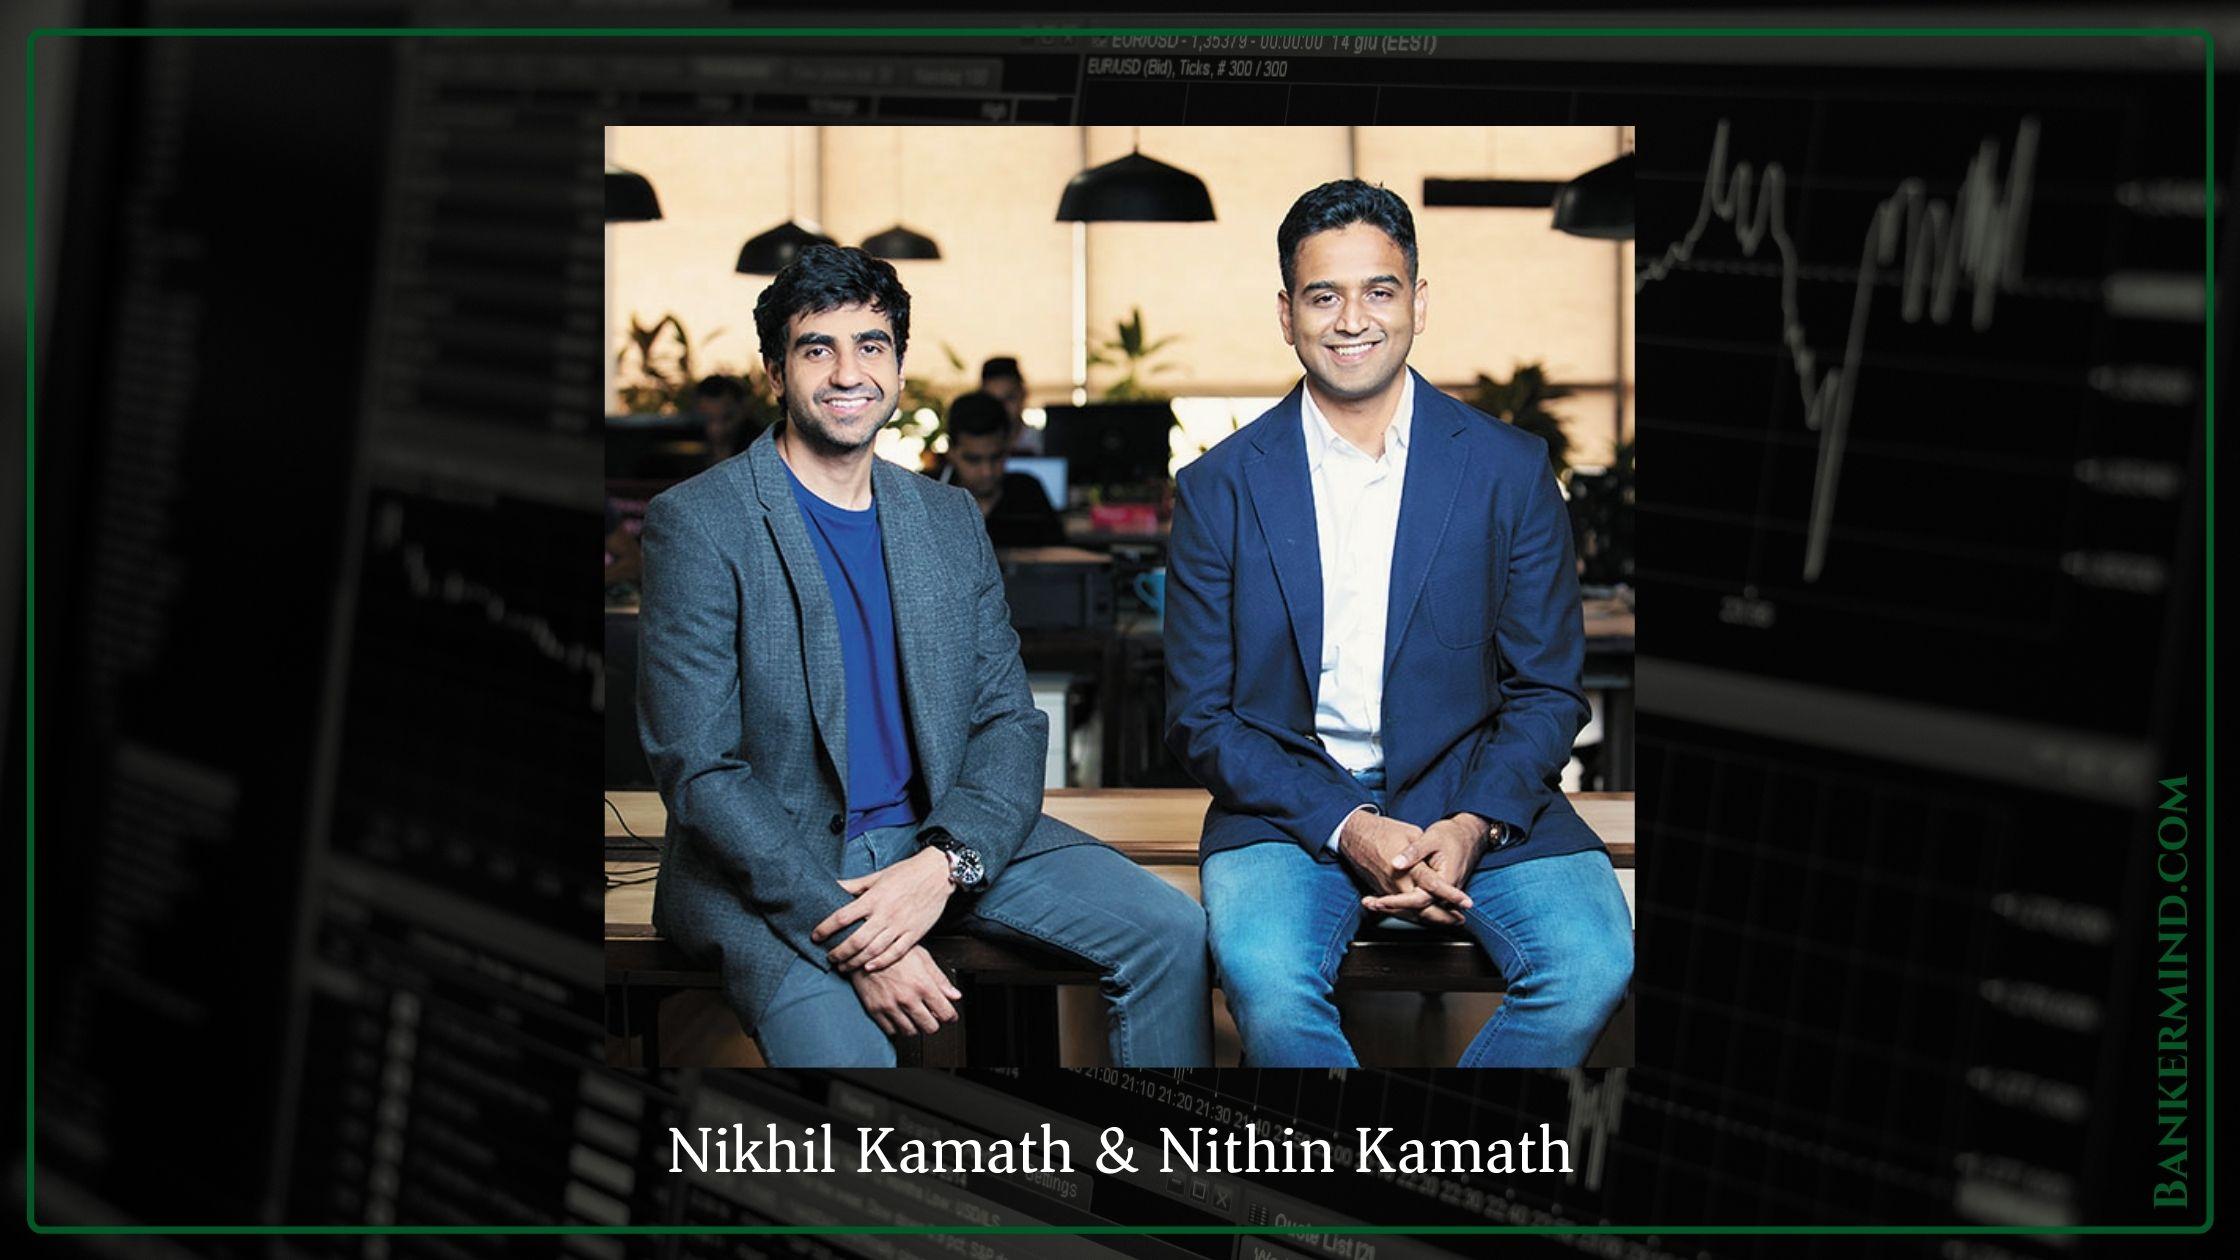 Zerodha founder - Nikhil Kamath and Nithin Kamath